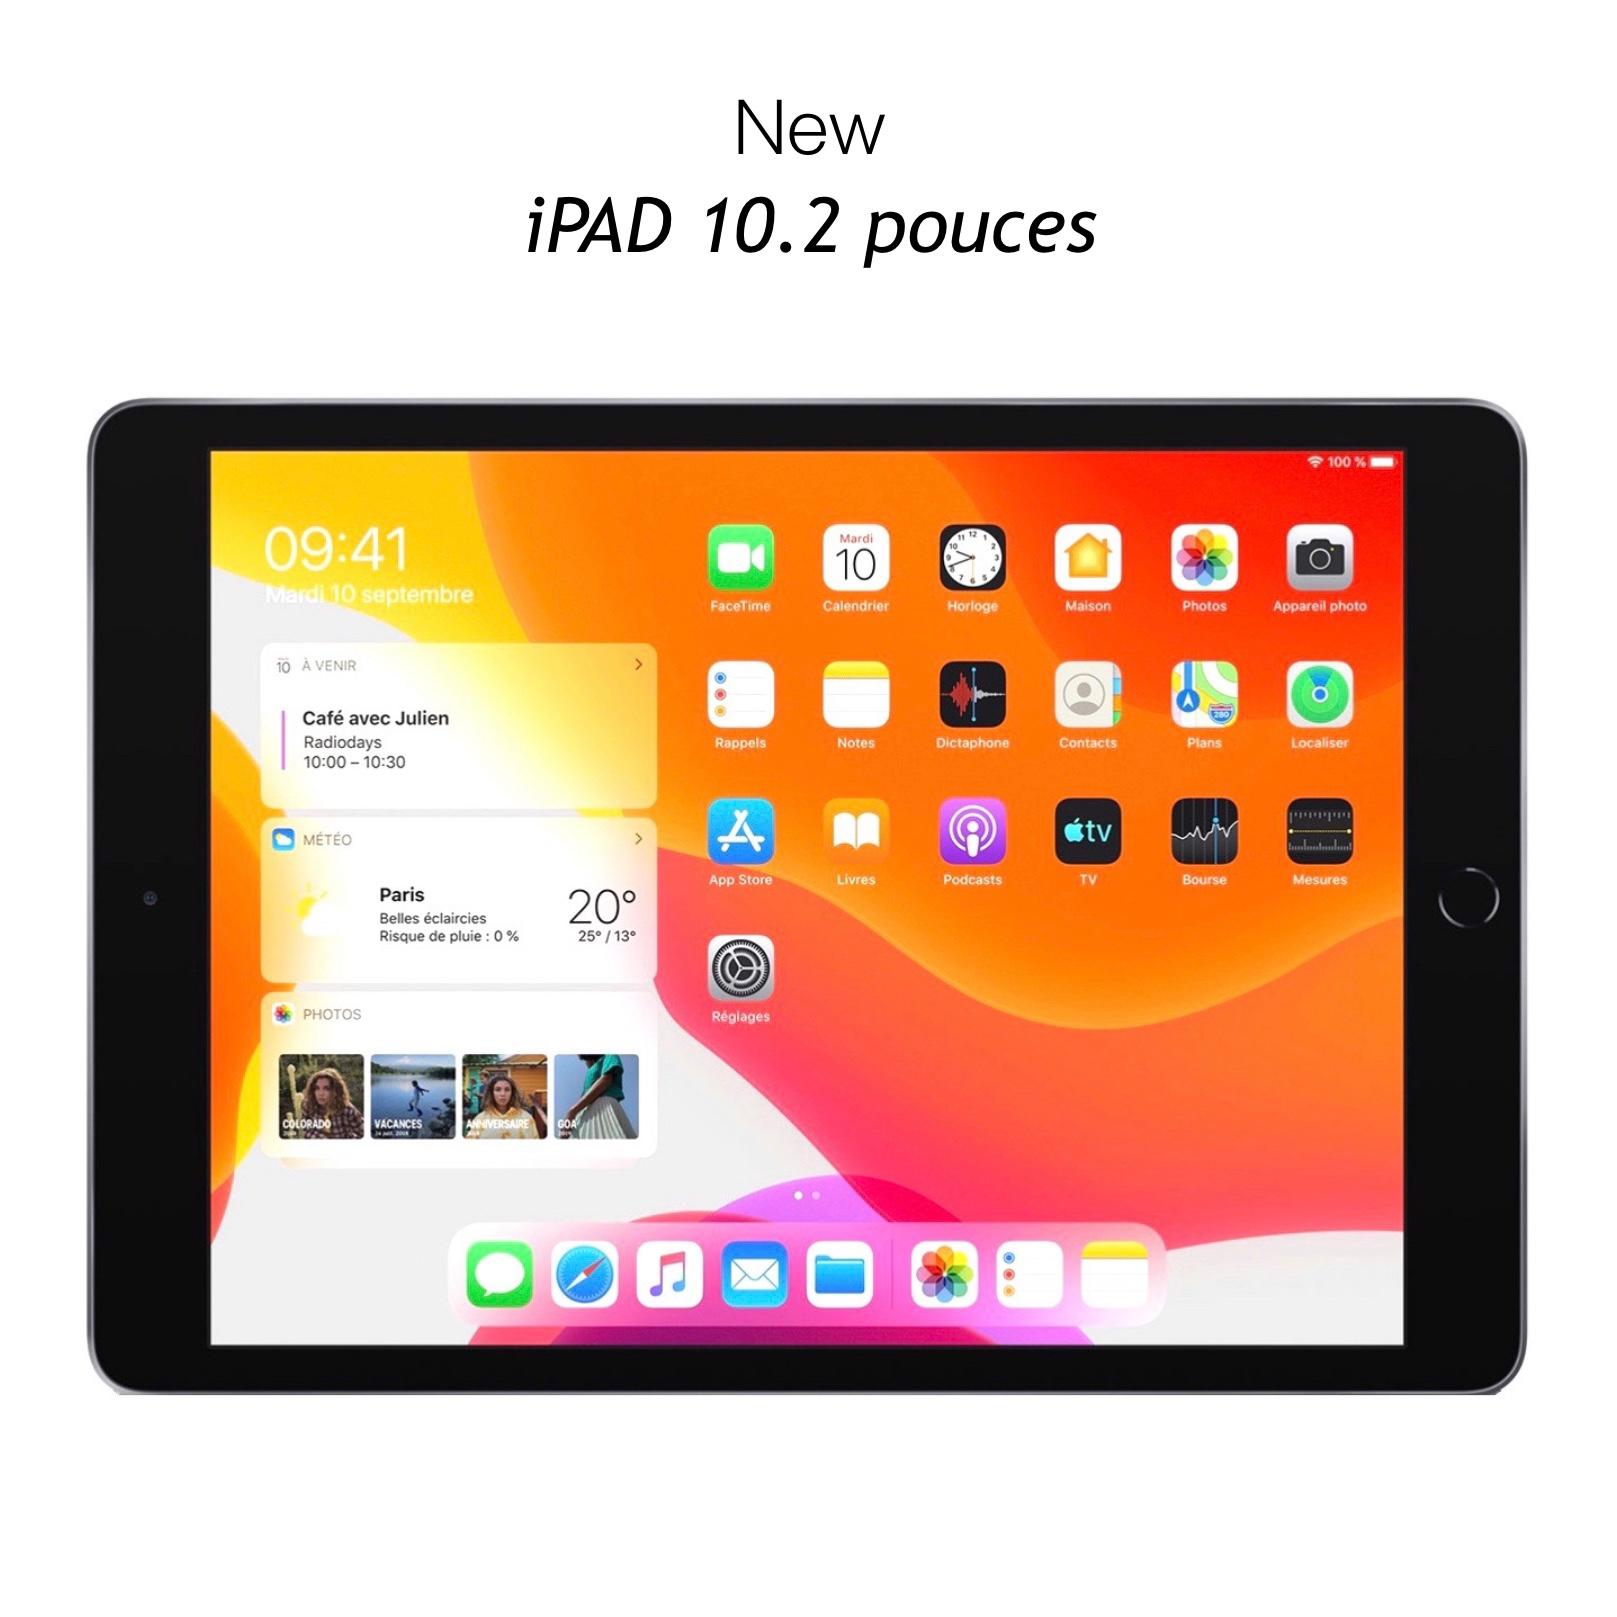 7e Gen iPAD 10.2 pouces Verre renforce de protection ecran Premium 9H 0.33mm